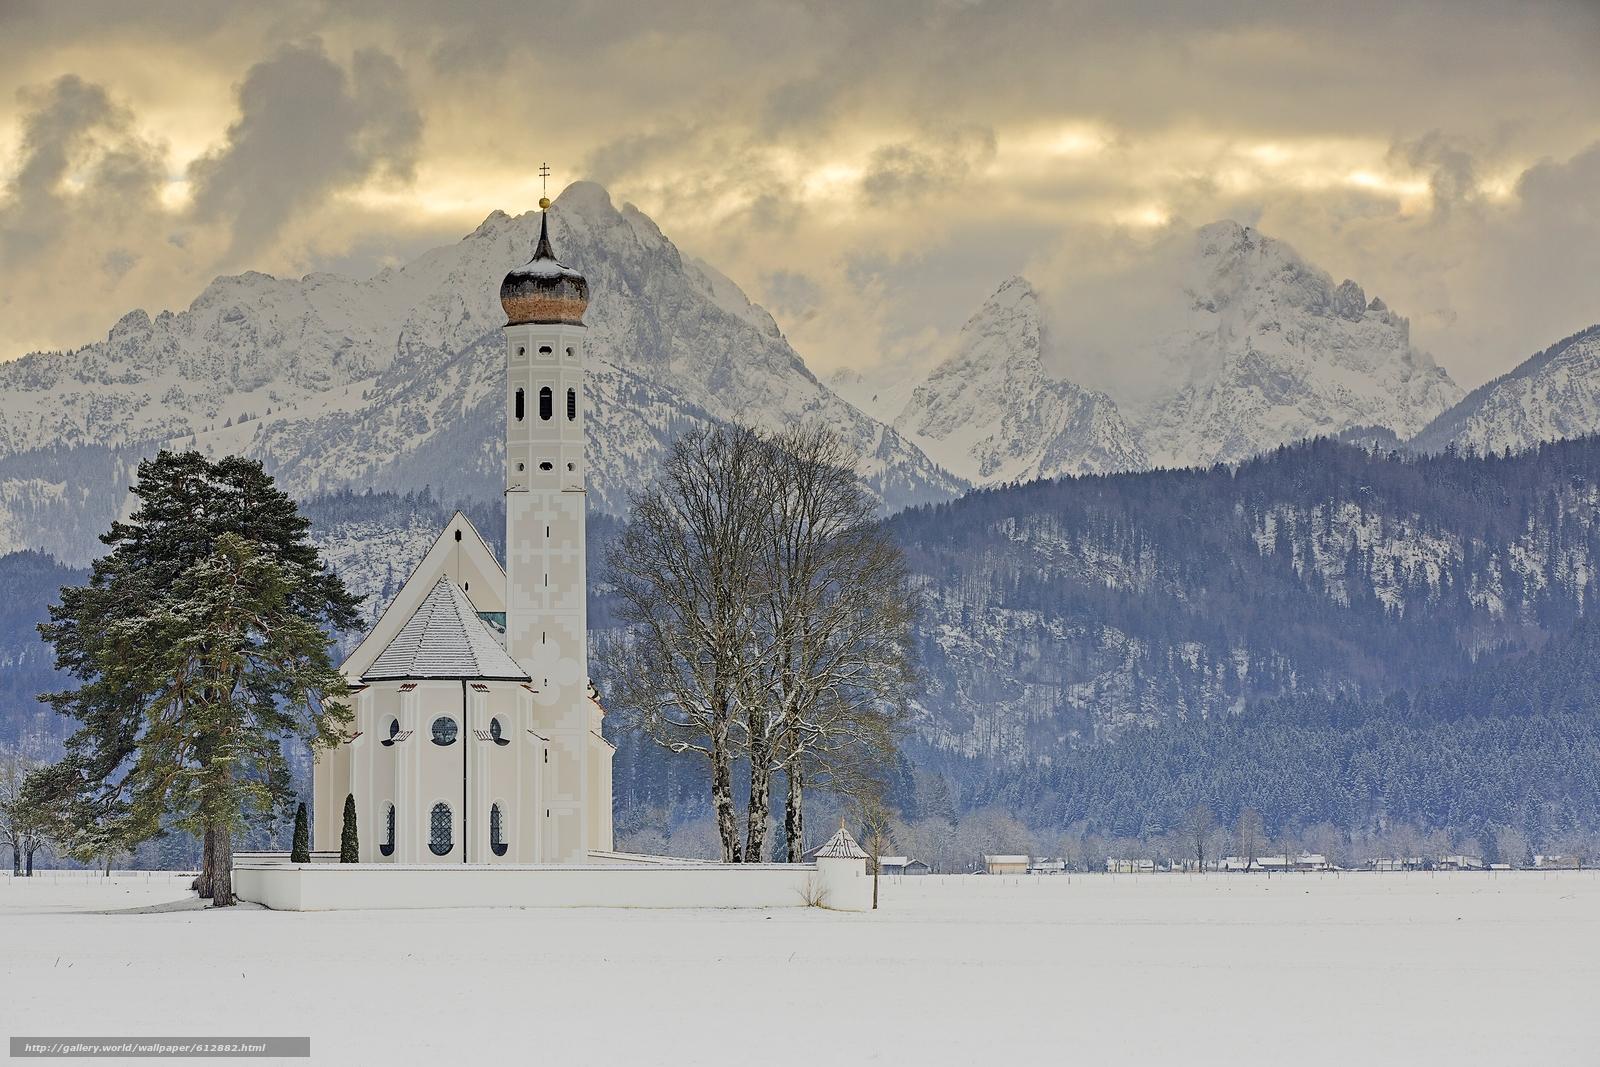 Скачать на телефон обои фото картинку на тему Sankt Coloman, Schwangau, Bavaria, Germany, Alps, Церковь Святого Кальмана, Швангау, Бавария, Германия, Альпы, церковь, горы, деревья, зима, разширение 3750x2500